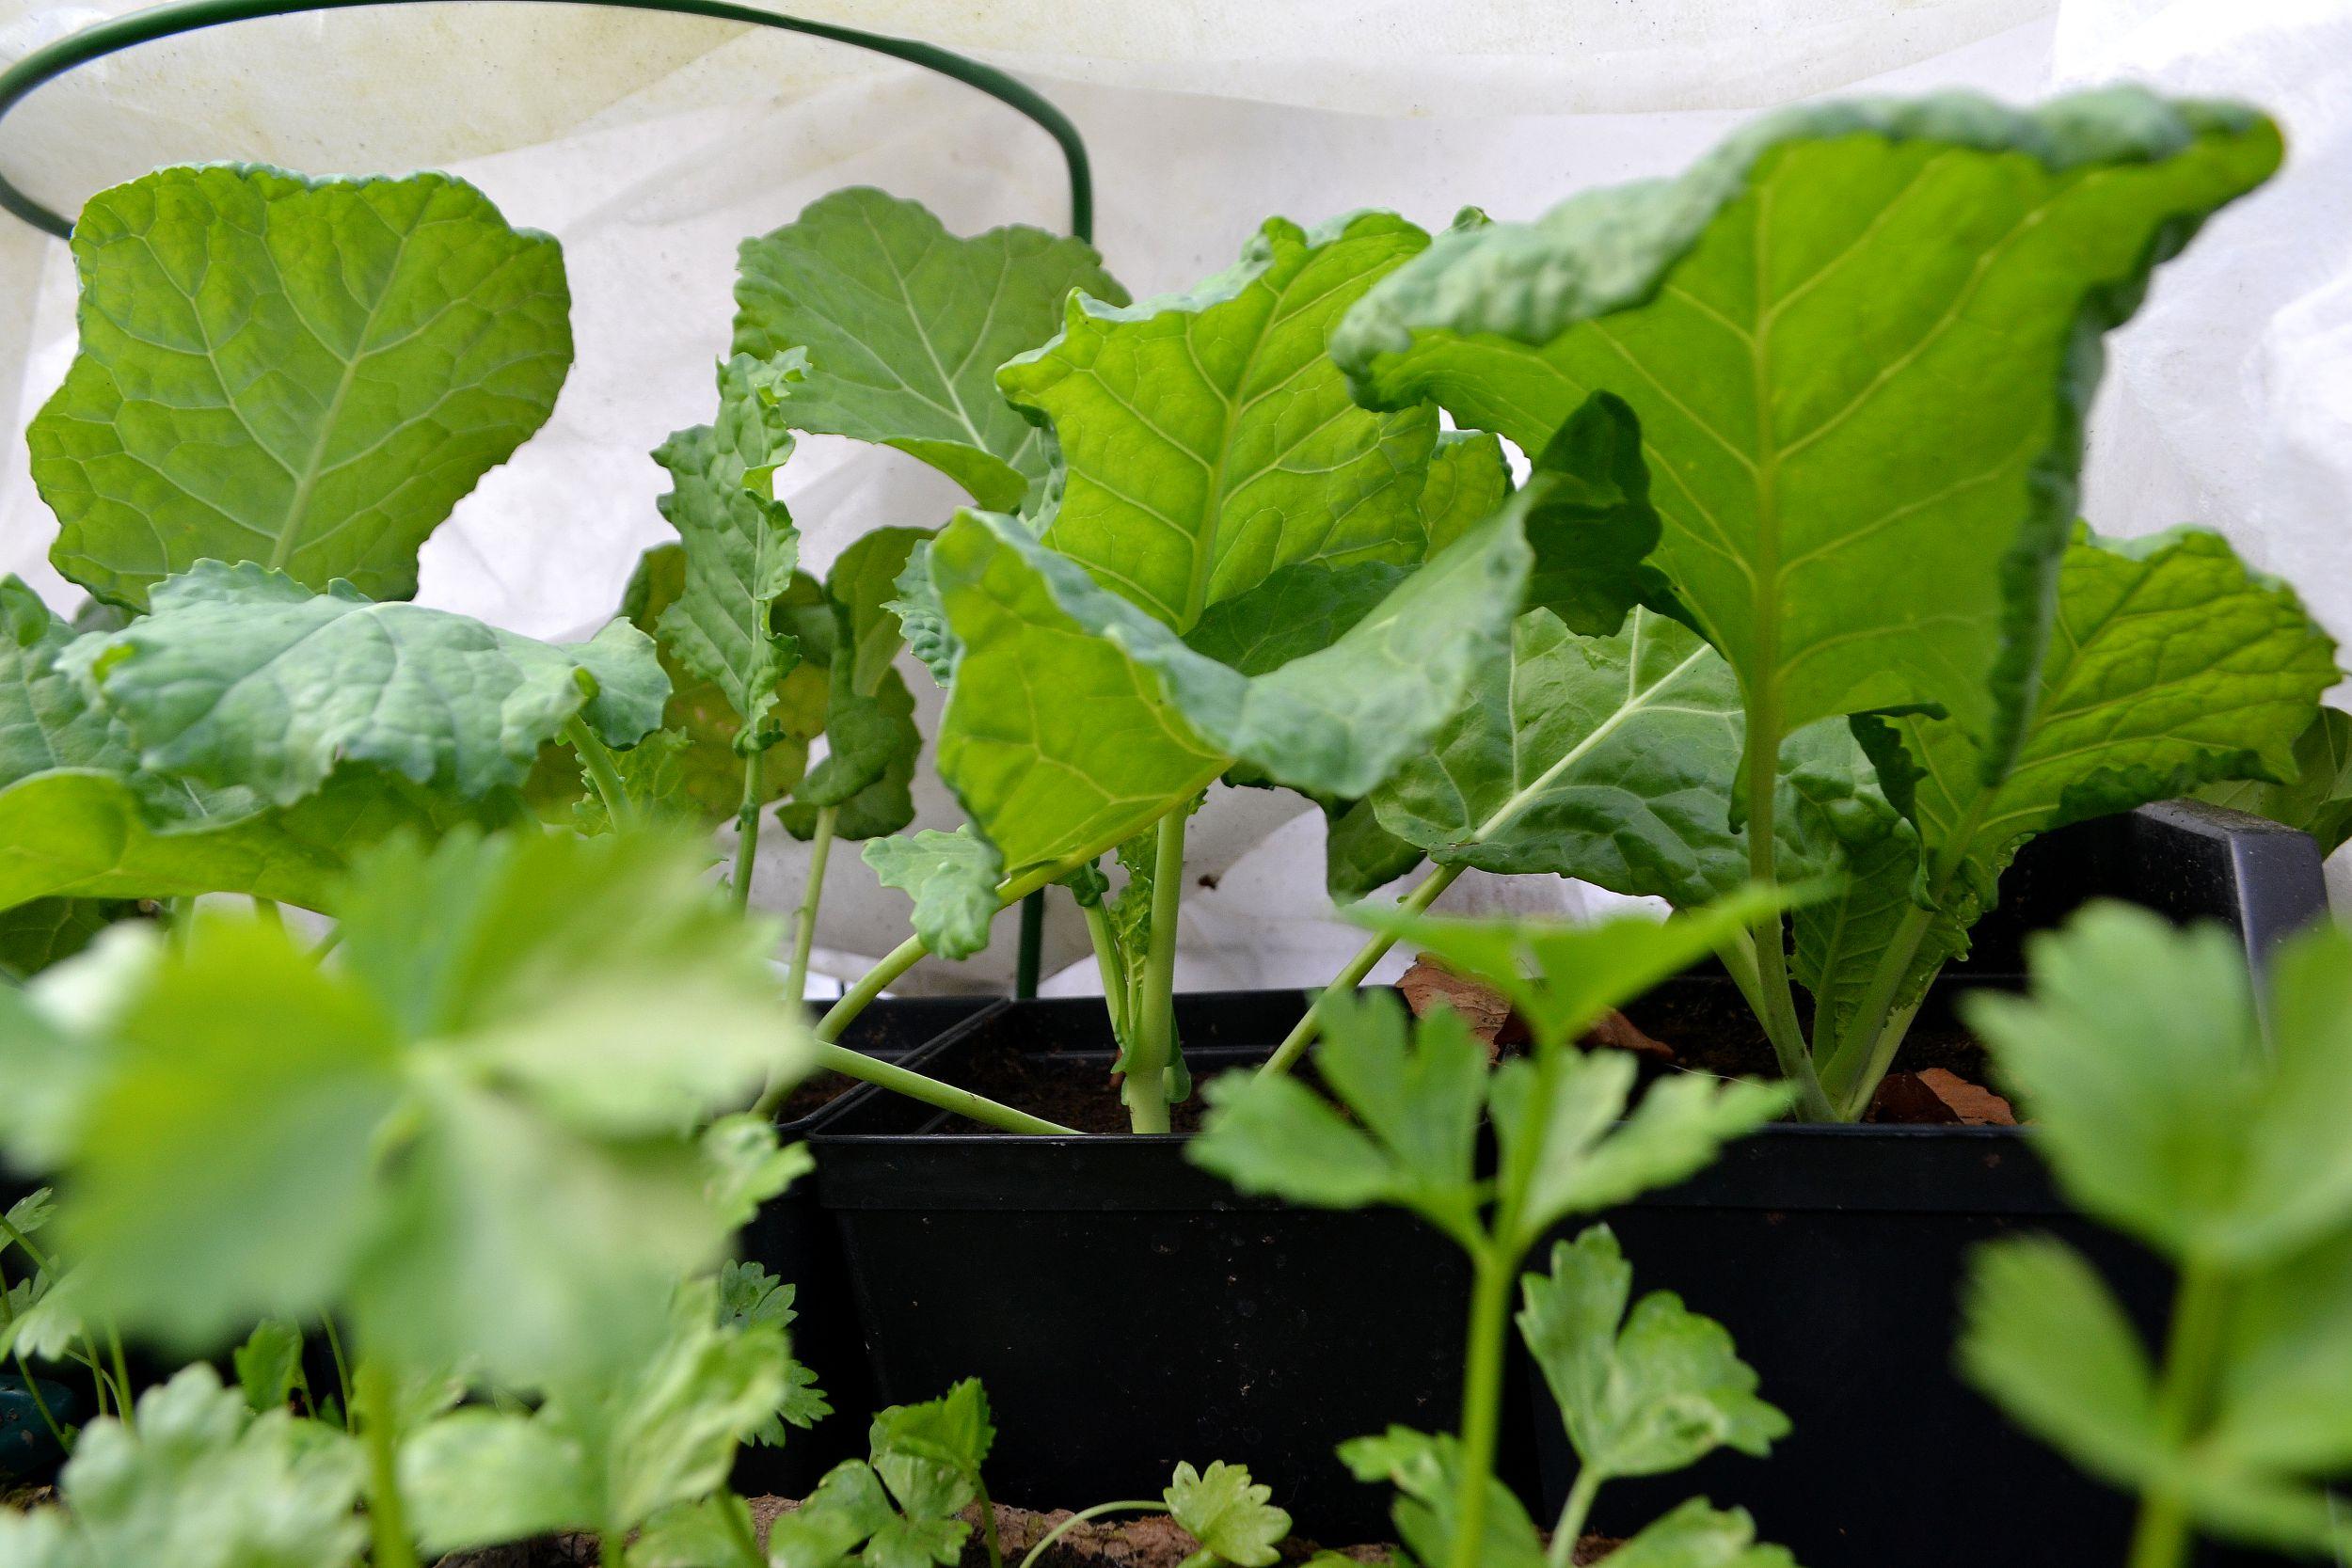 Gröna frodiga plantor står under fiberduk tillsammans.